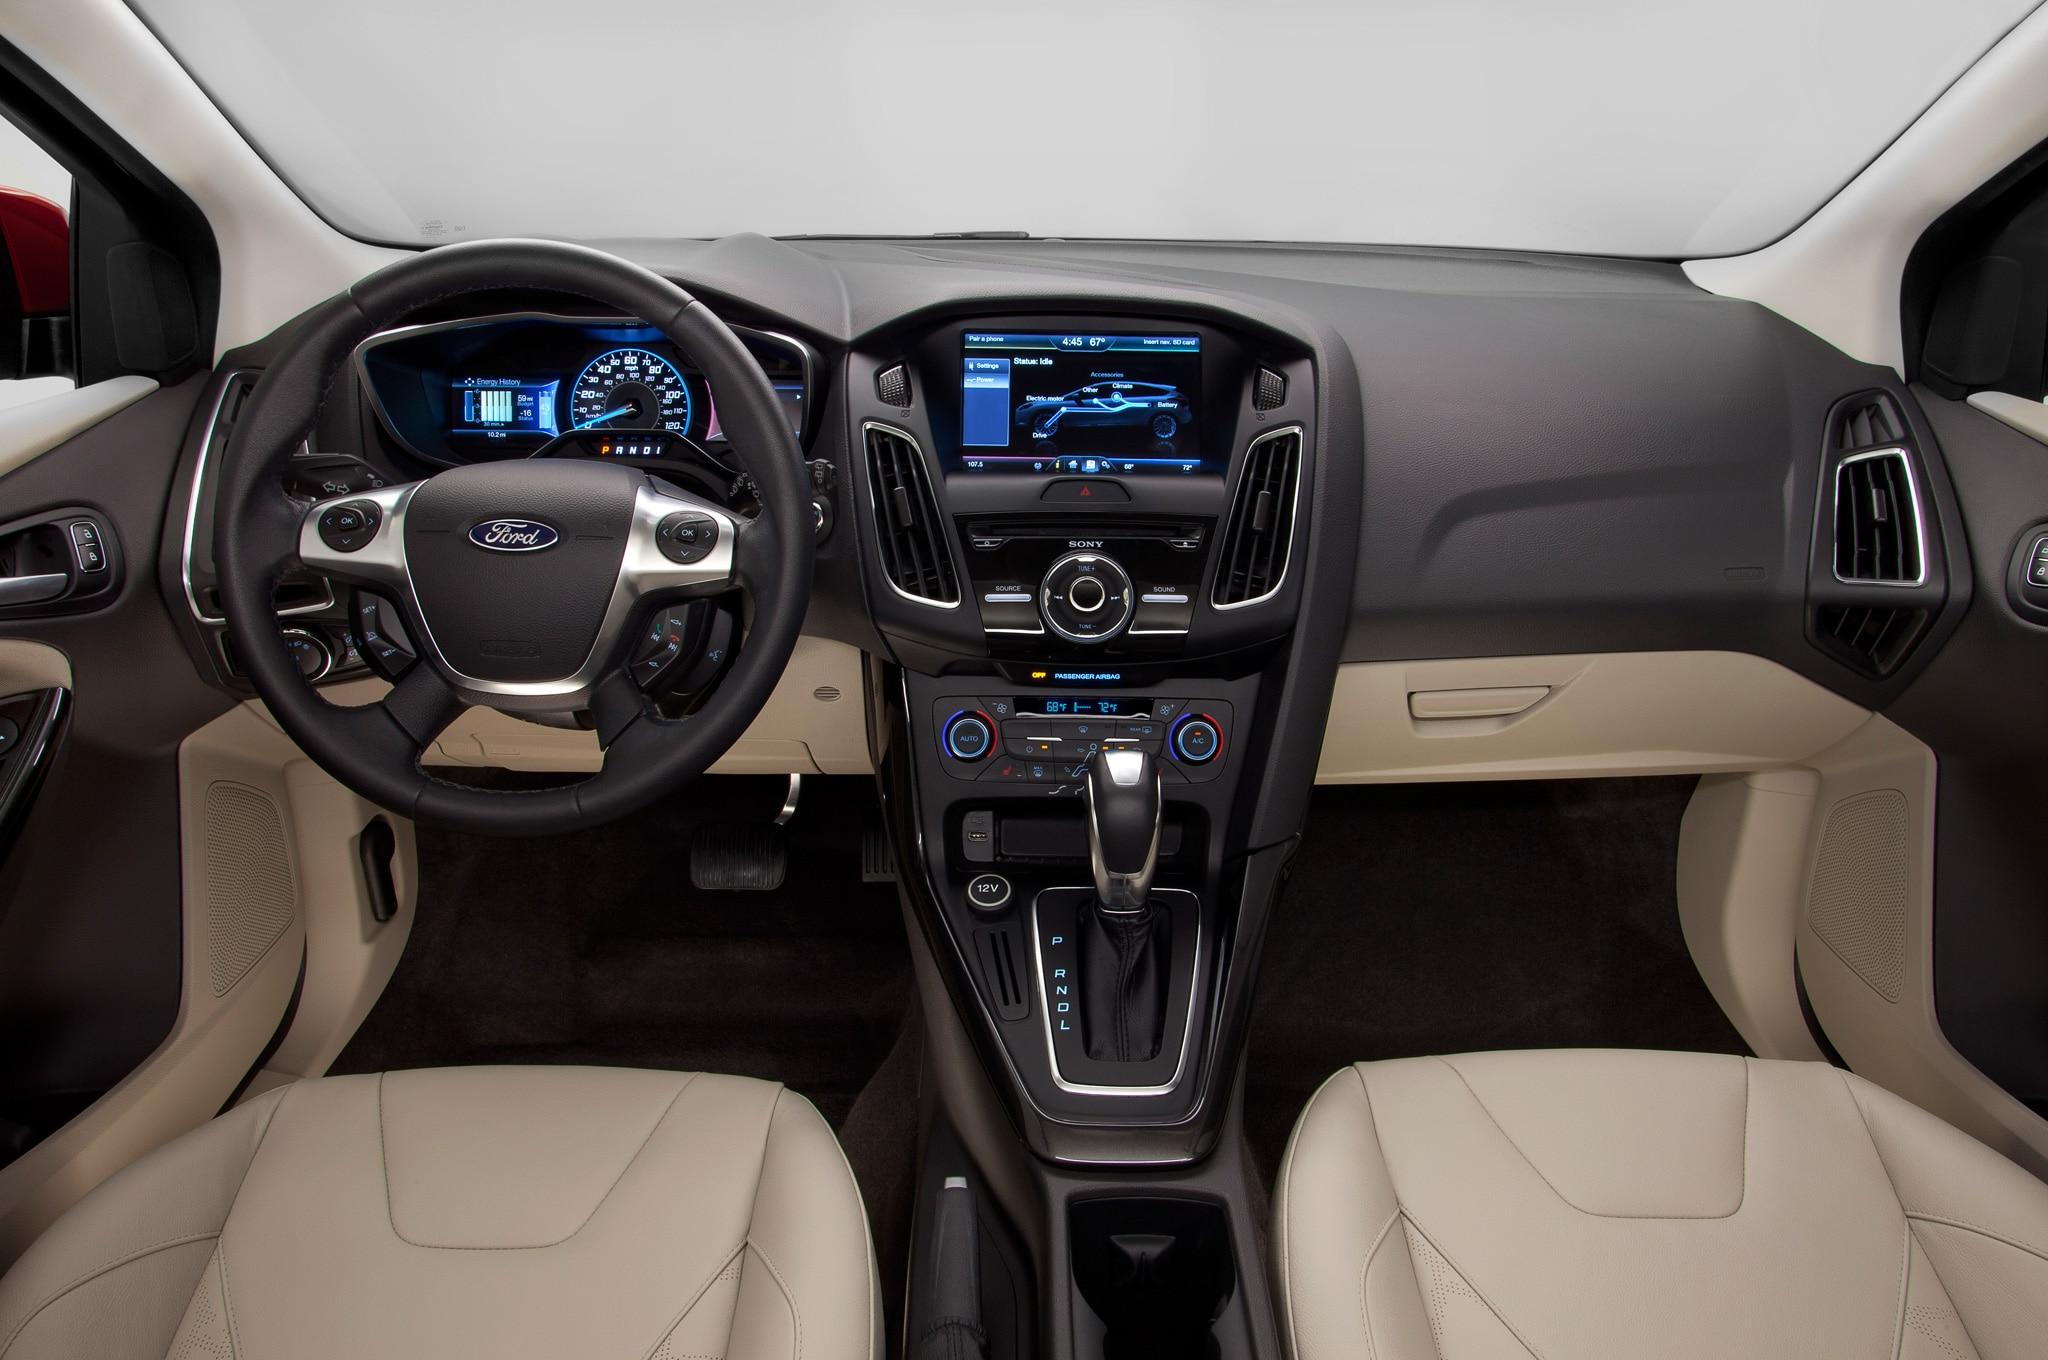 2014 Ford Fiesta Se Interior >> Ford Focus 2015 llega a Nueva York con cambios importantes